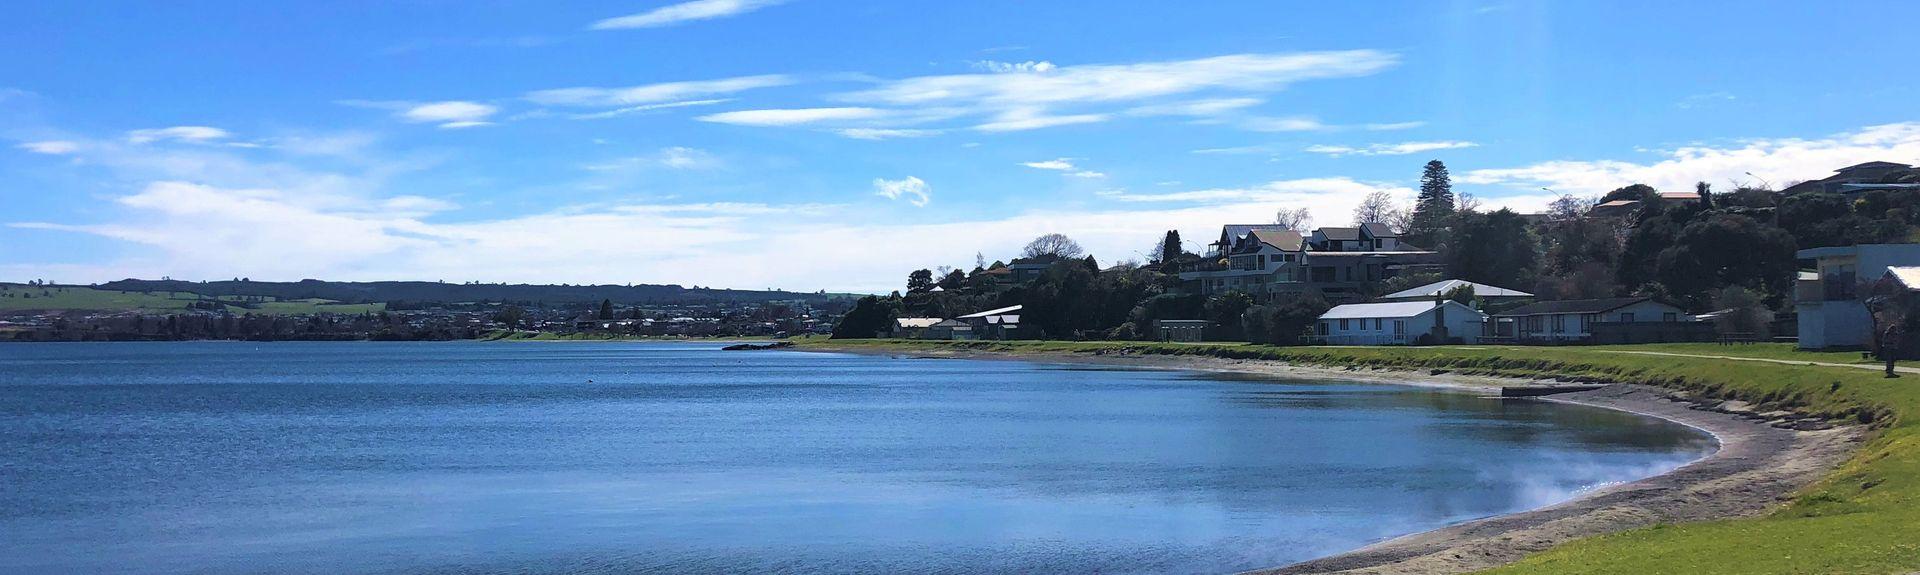 Hilltop, Taupo, Waikato, New Zealand